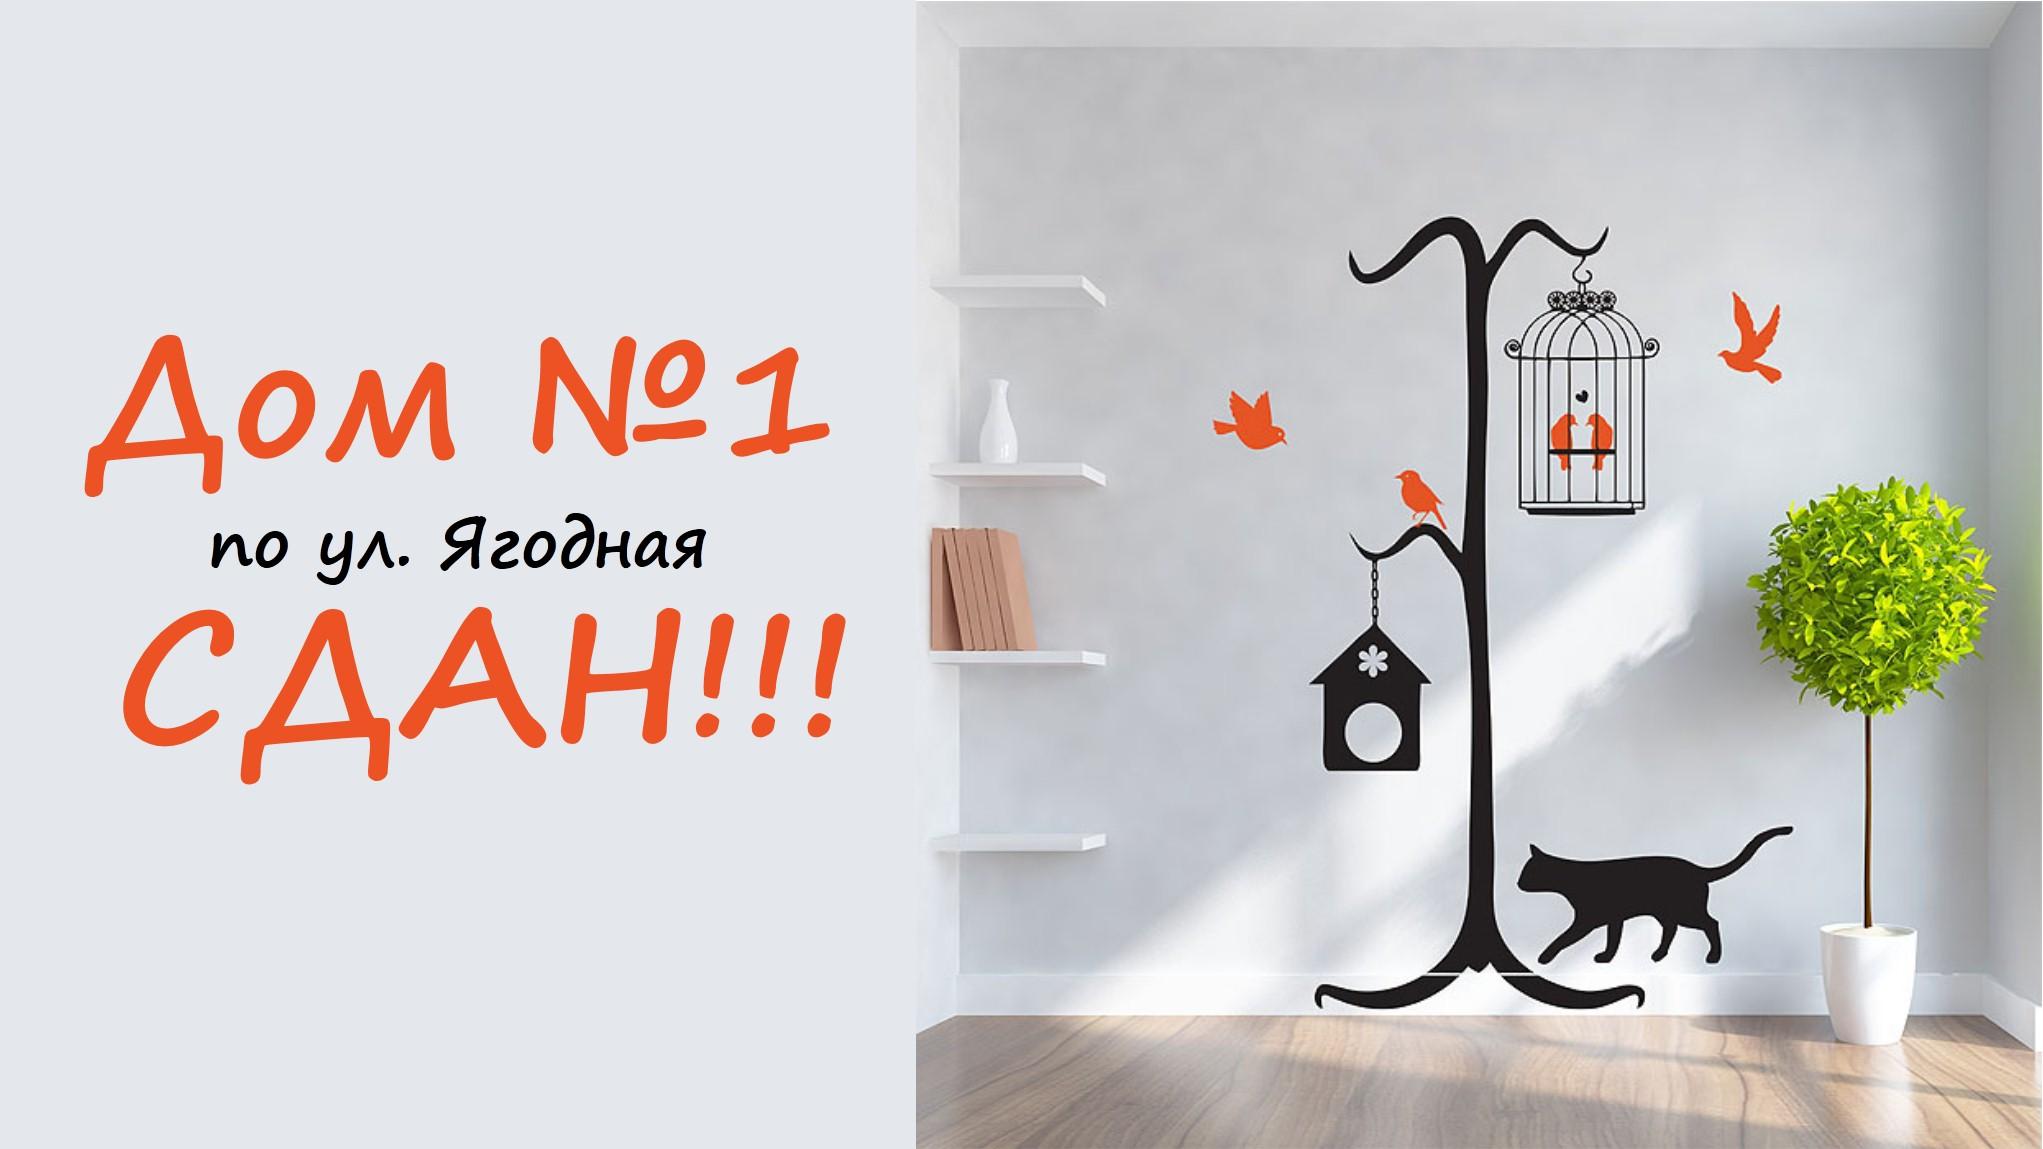 Сдан дом № 1 по ул. Ягодная